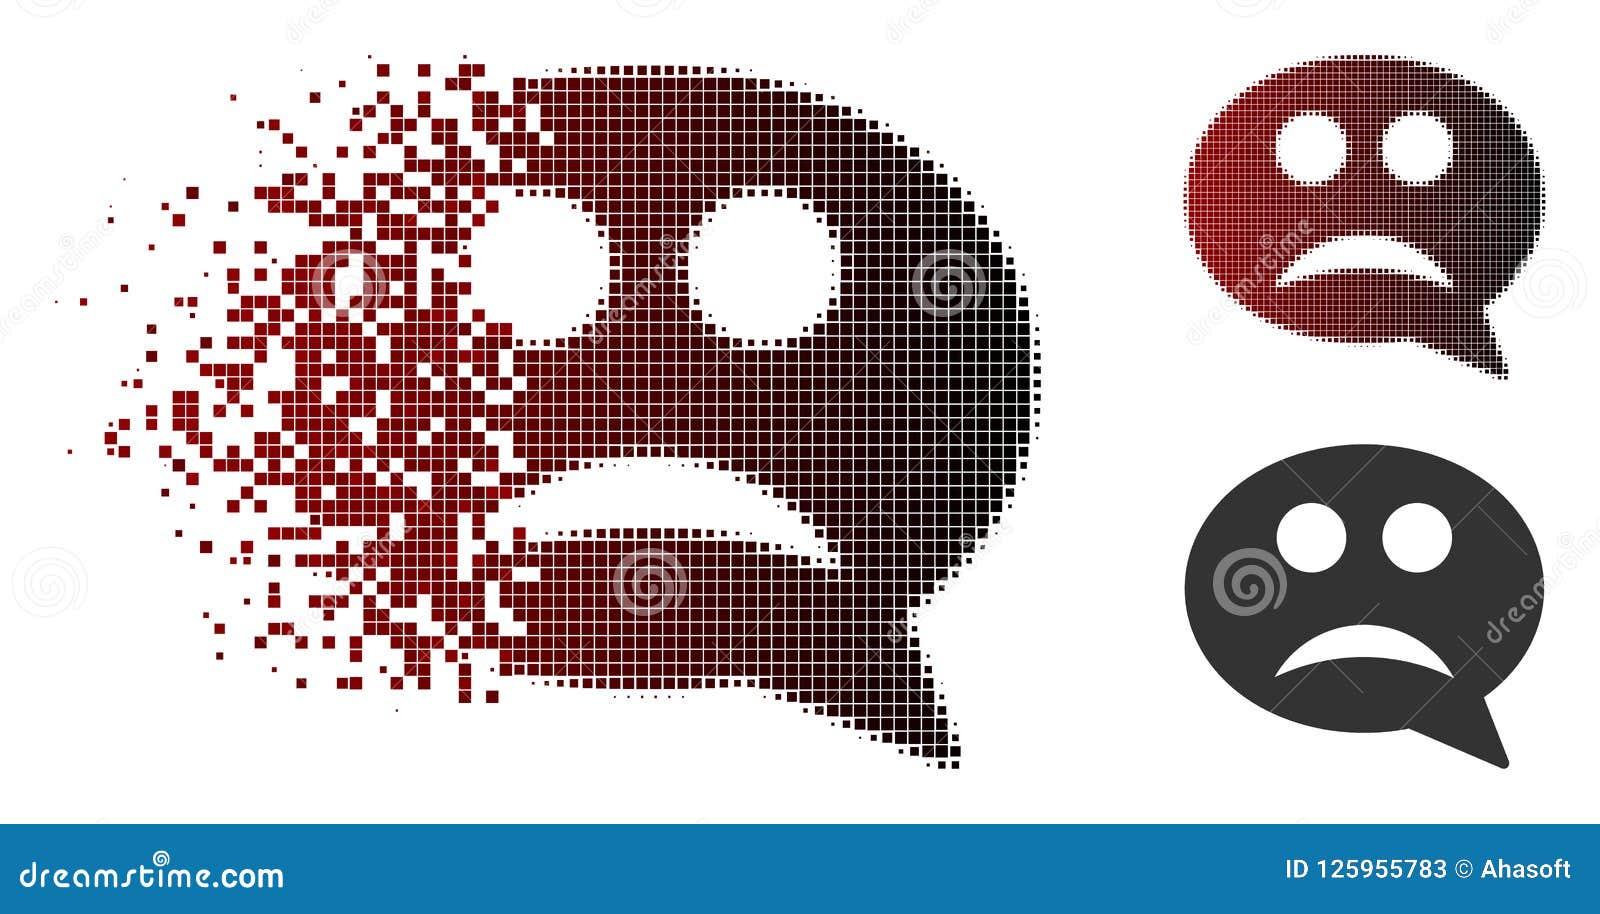 Pixelated De Desintegración Smiley Message Icon Triste De